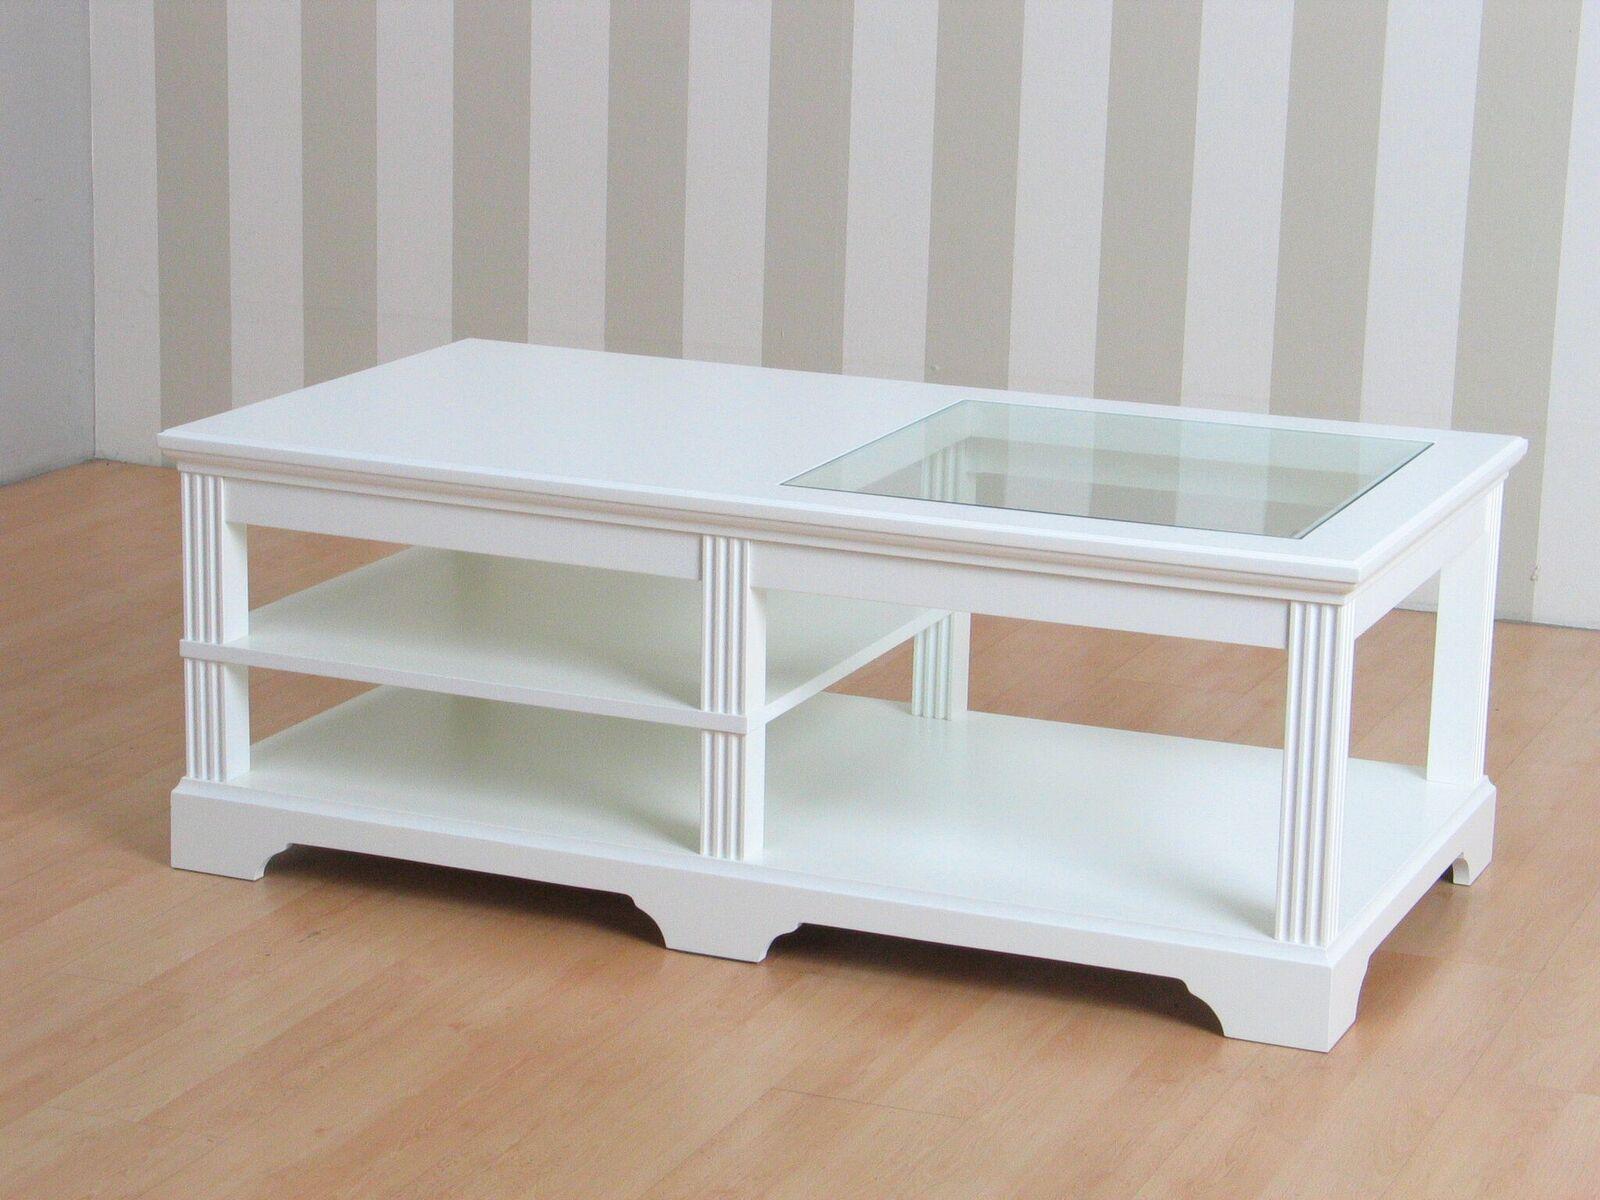 couchtisch charlot 70x130 cm wohnzimmer glas tisch. Black Bedroom Furniture Sets. Home Design Ideas